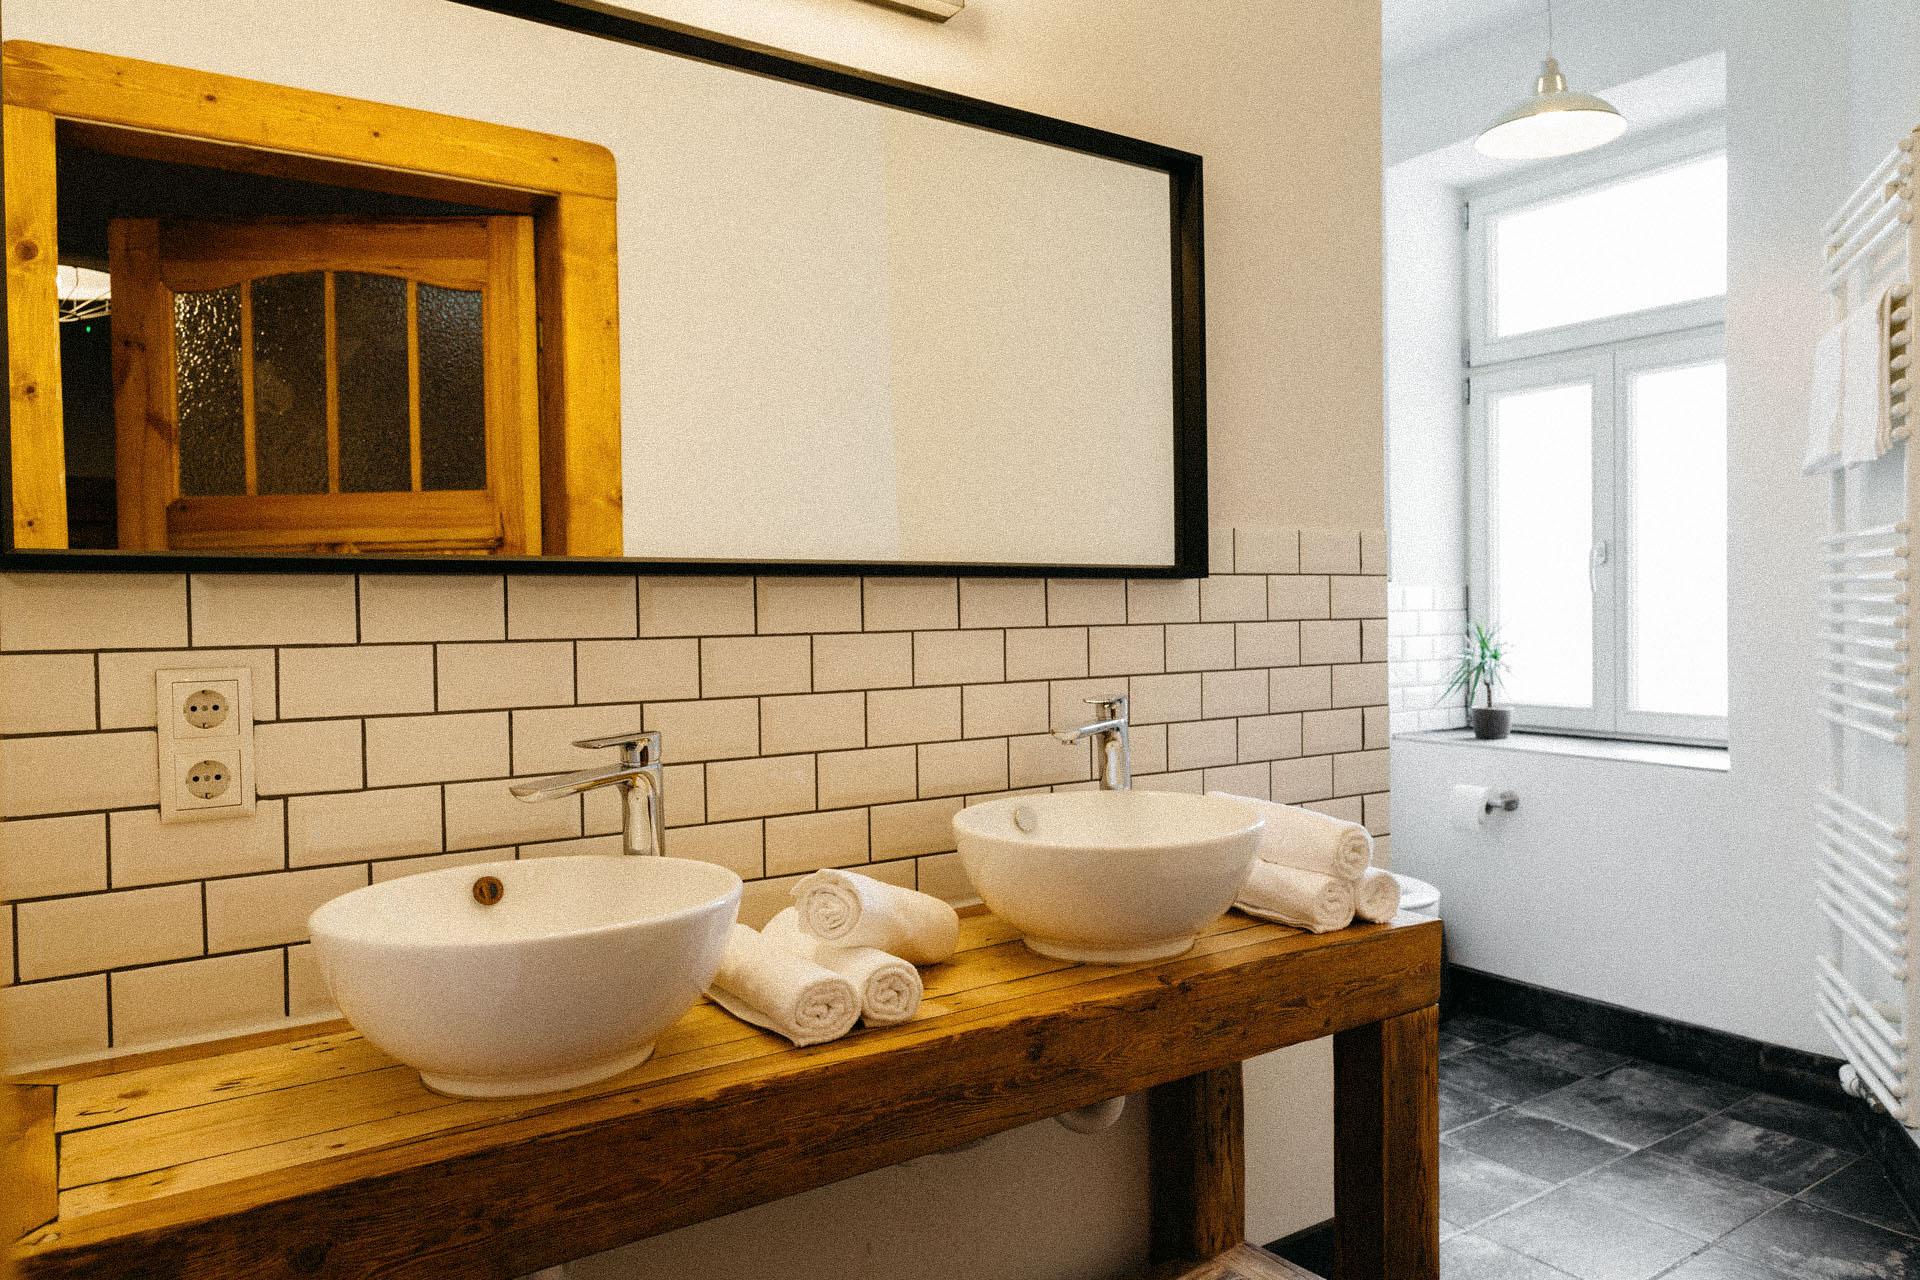 Großer Spiegel mit 2 Schalen als Waschbecken auf einer Holzeinrichtung davor an einer weißen Backsteinwand